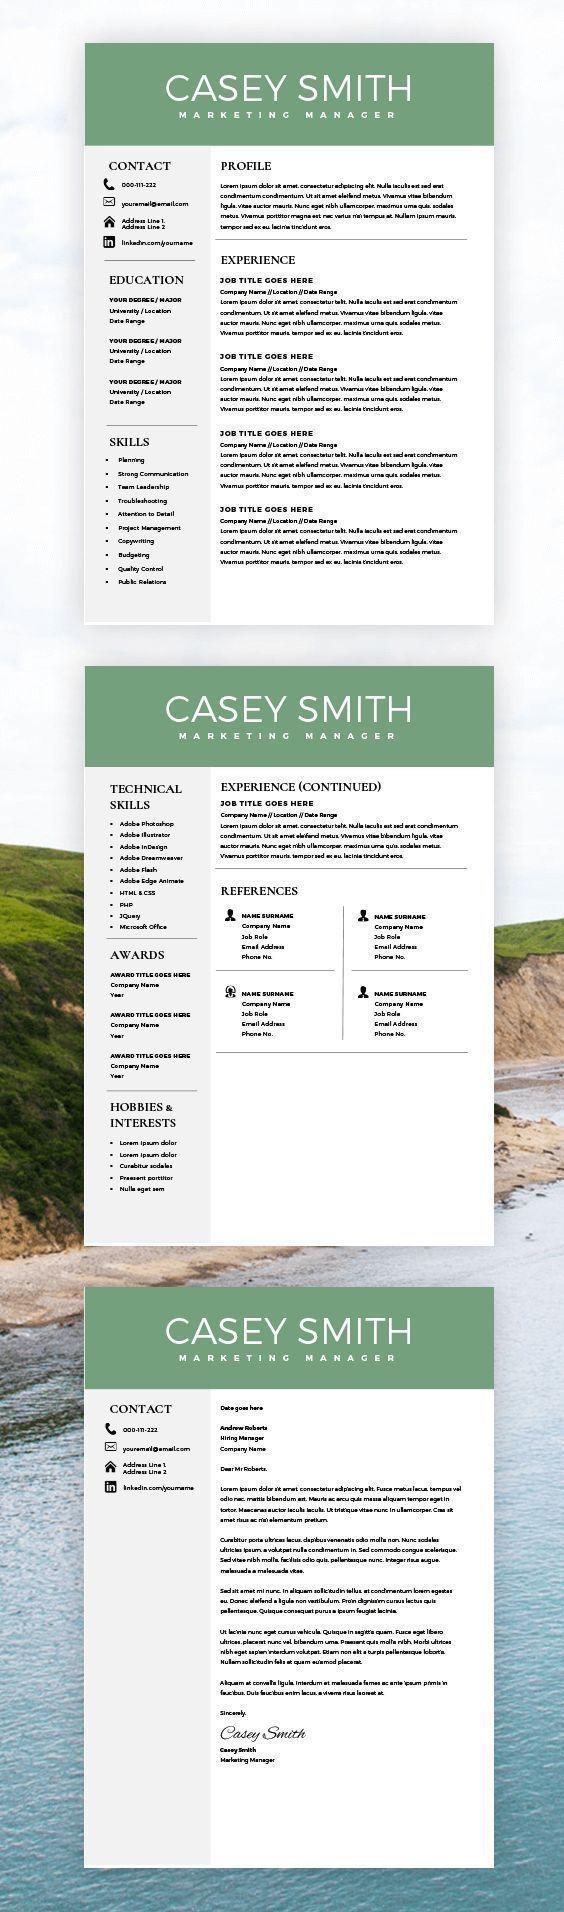 Elegant Resume Template 2023 Best Cv & Resume Design Images On Pinterest  Cv Resume